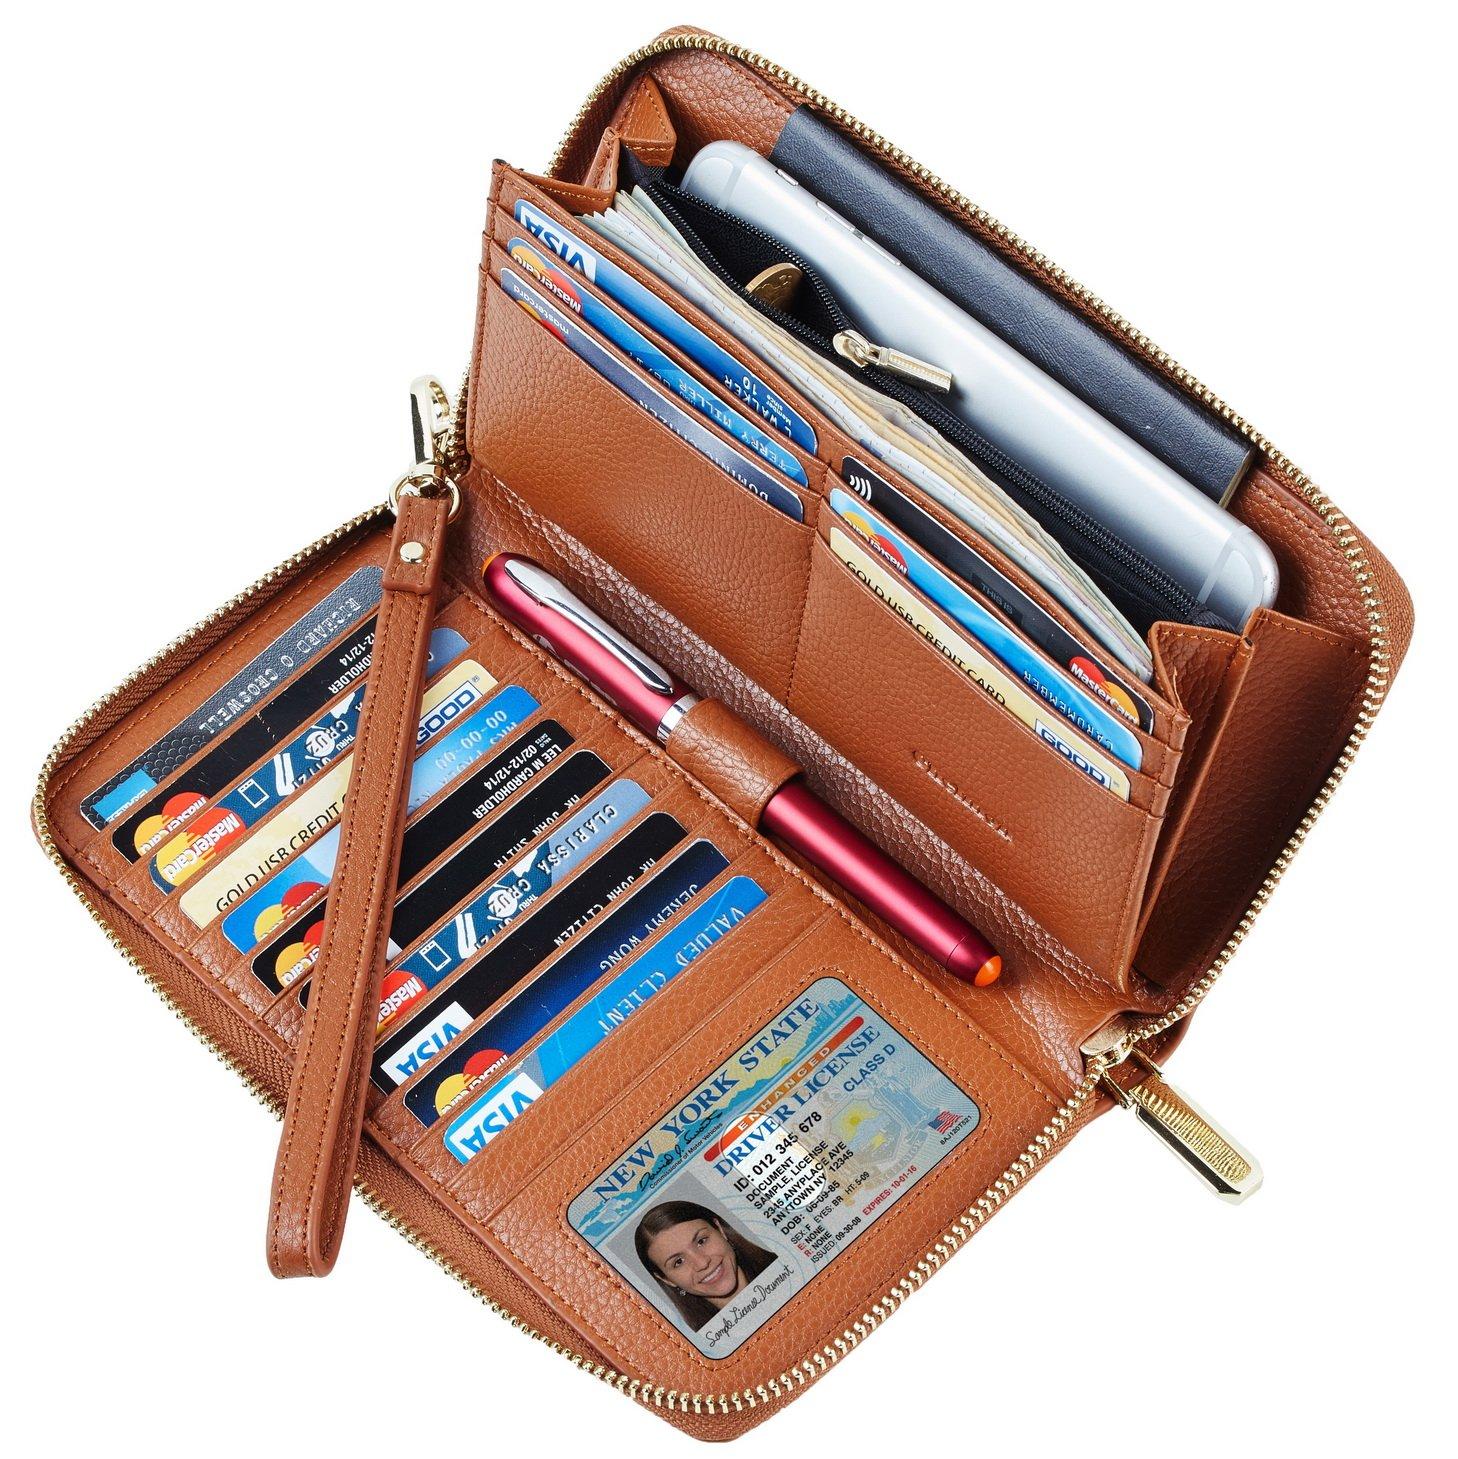 SimpacX Chelmon Womens RFID Blocking Wallet Genuine Leather Zip Around Clutch Large Travel Wallet Purse Passport Holder(brown)